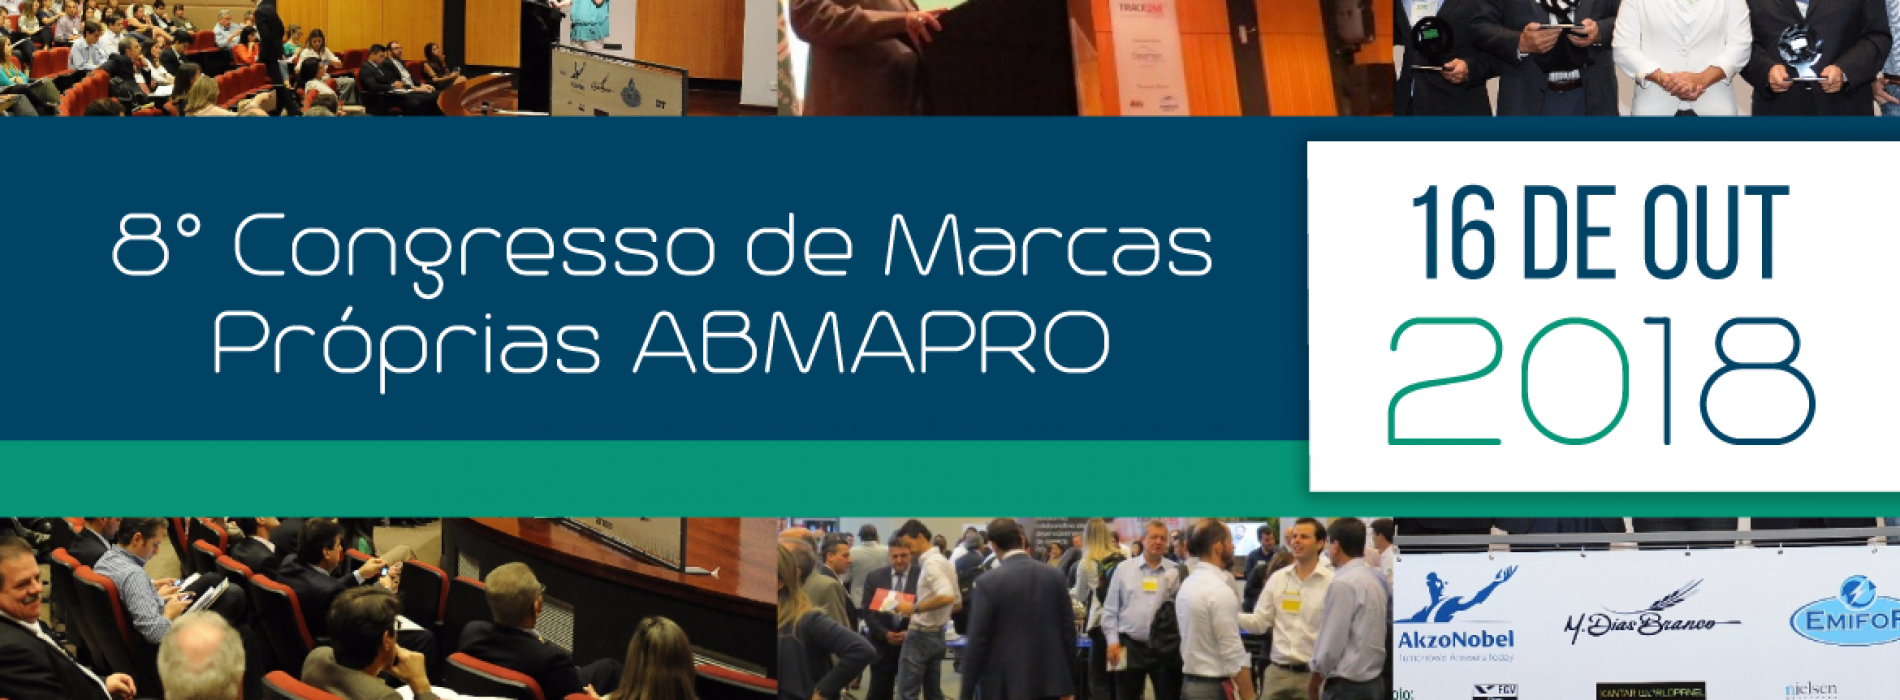 16.10 – Congresso de Marcas Própria Abmapro 2018